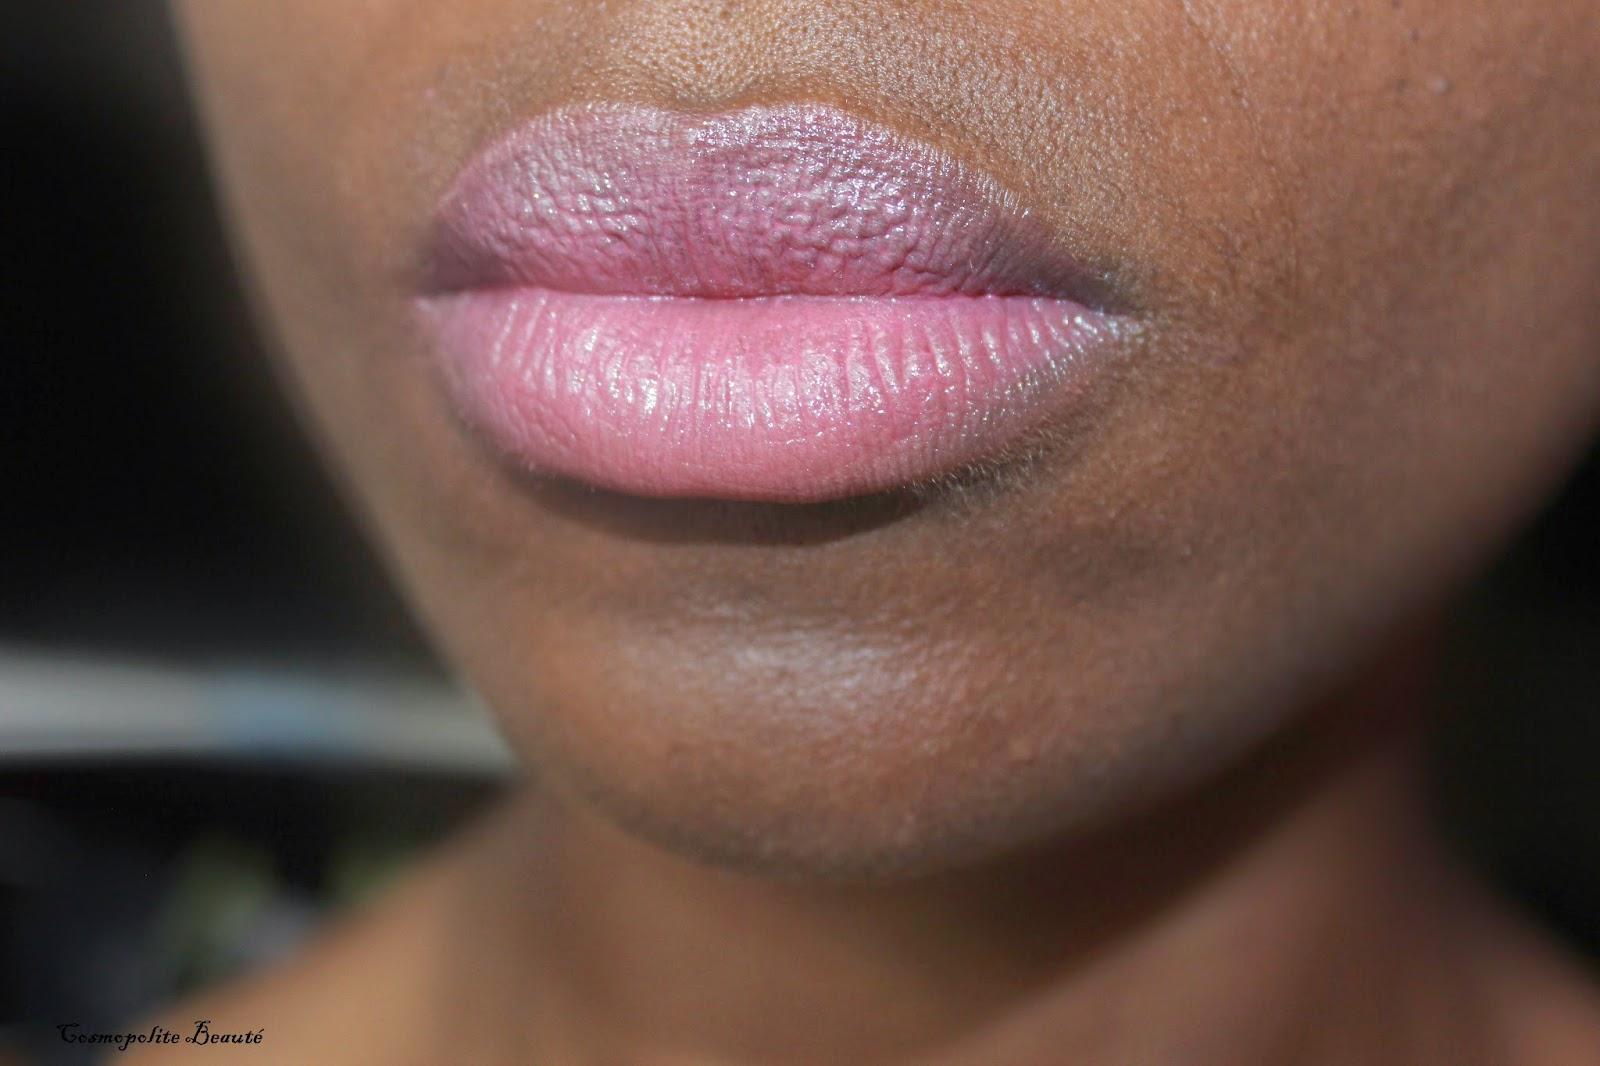 rouge à lèvres, Shine Edition, Bourjois, lèvres, bouche